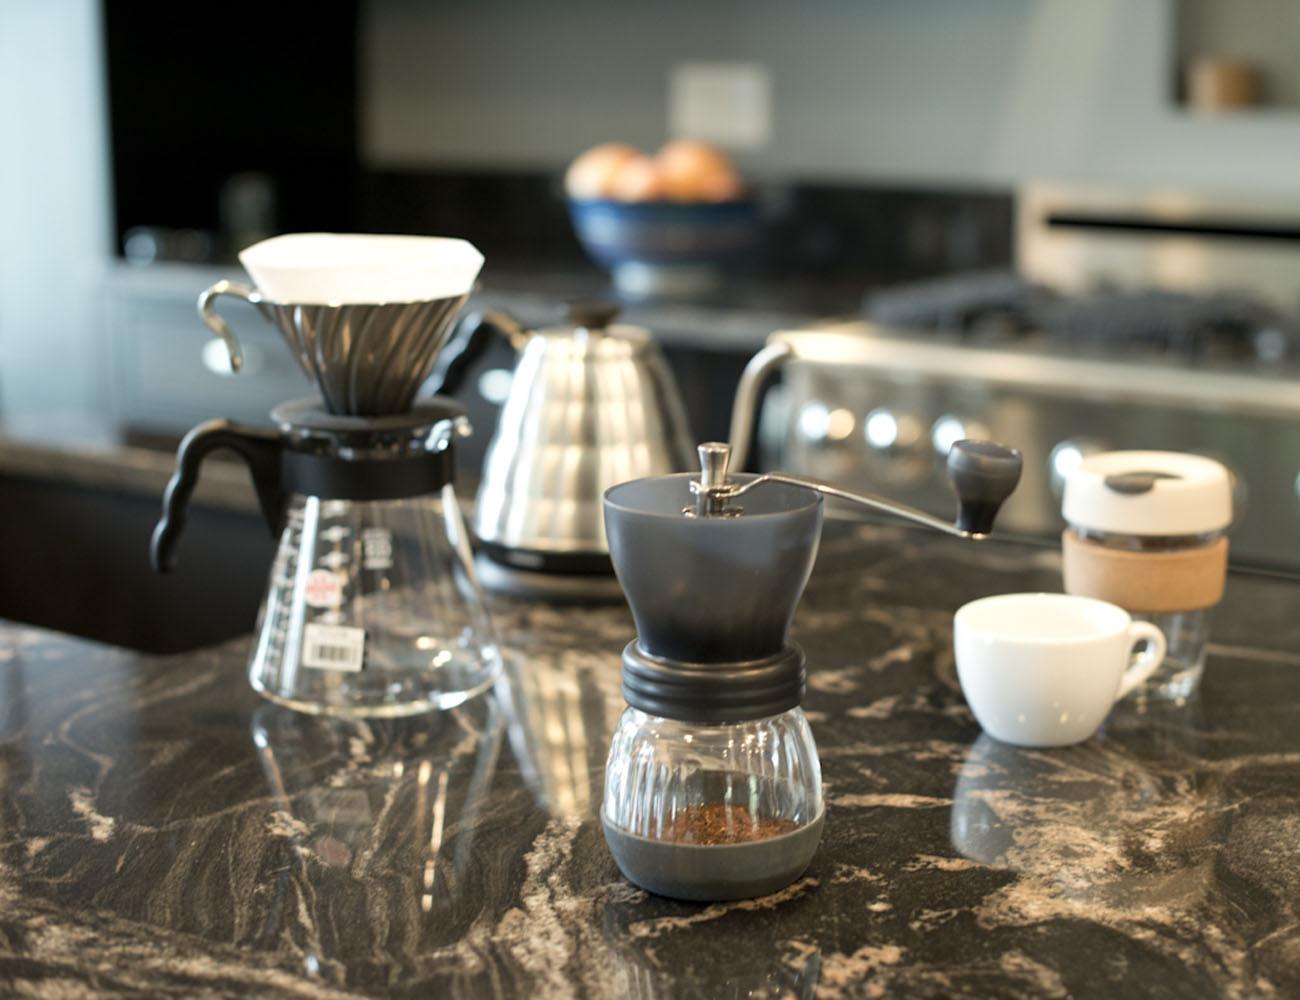 Hario+Skerton+Ceramic+Coffee+Grinder